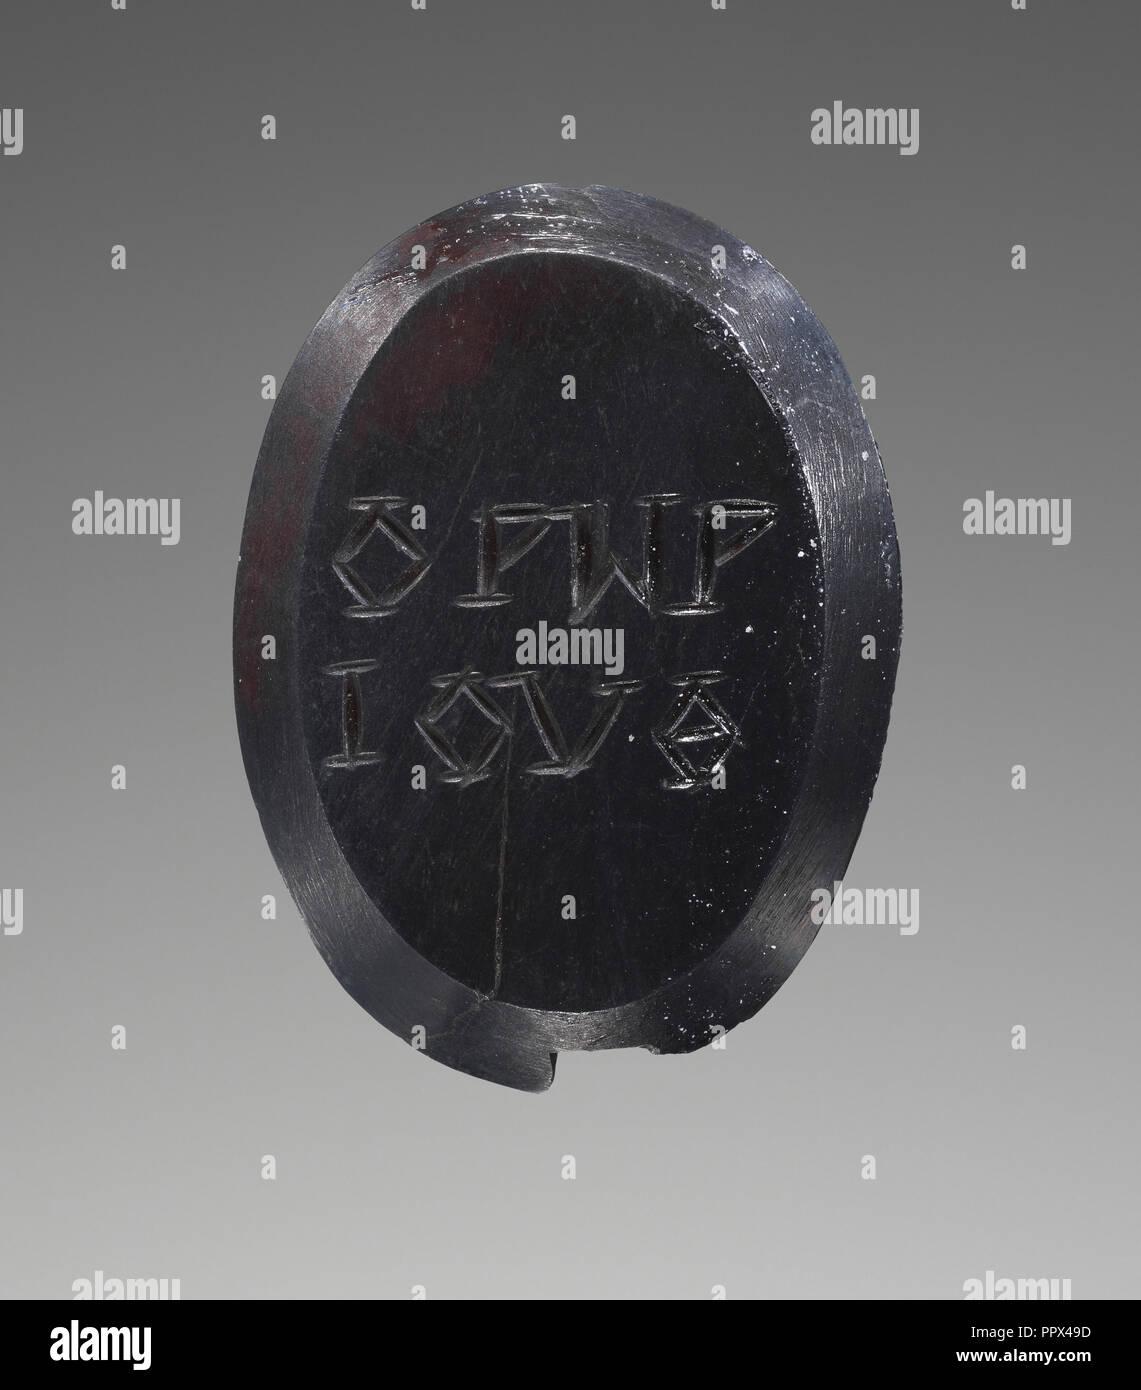 Magical Gem; 100 - 250; Hematite; 2 × 1.5 × 0.2 cm, 13,16 × 9,16 × 1,16 in - Stock Image